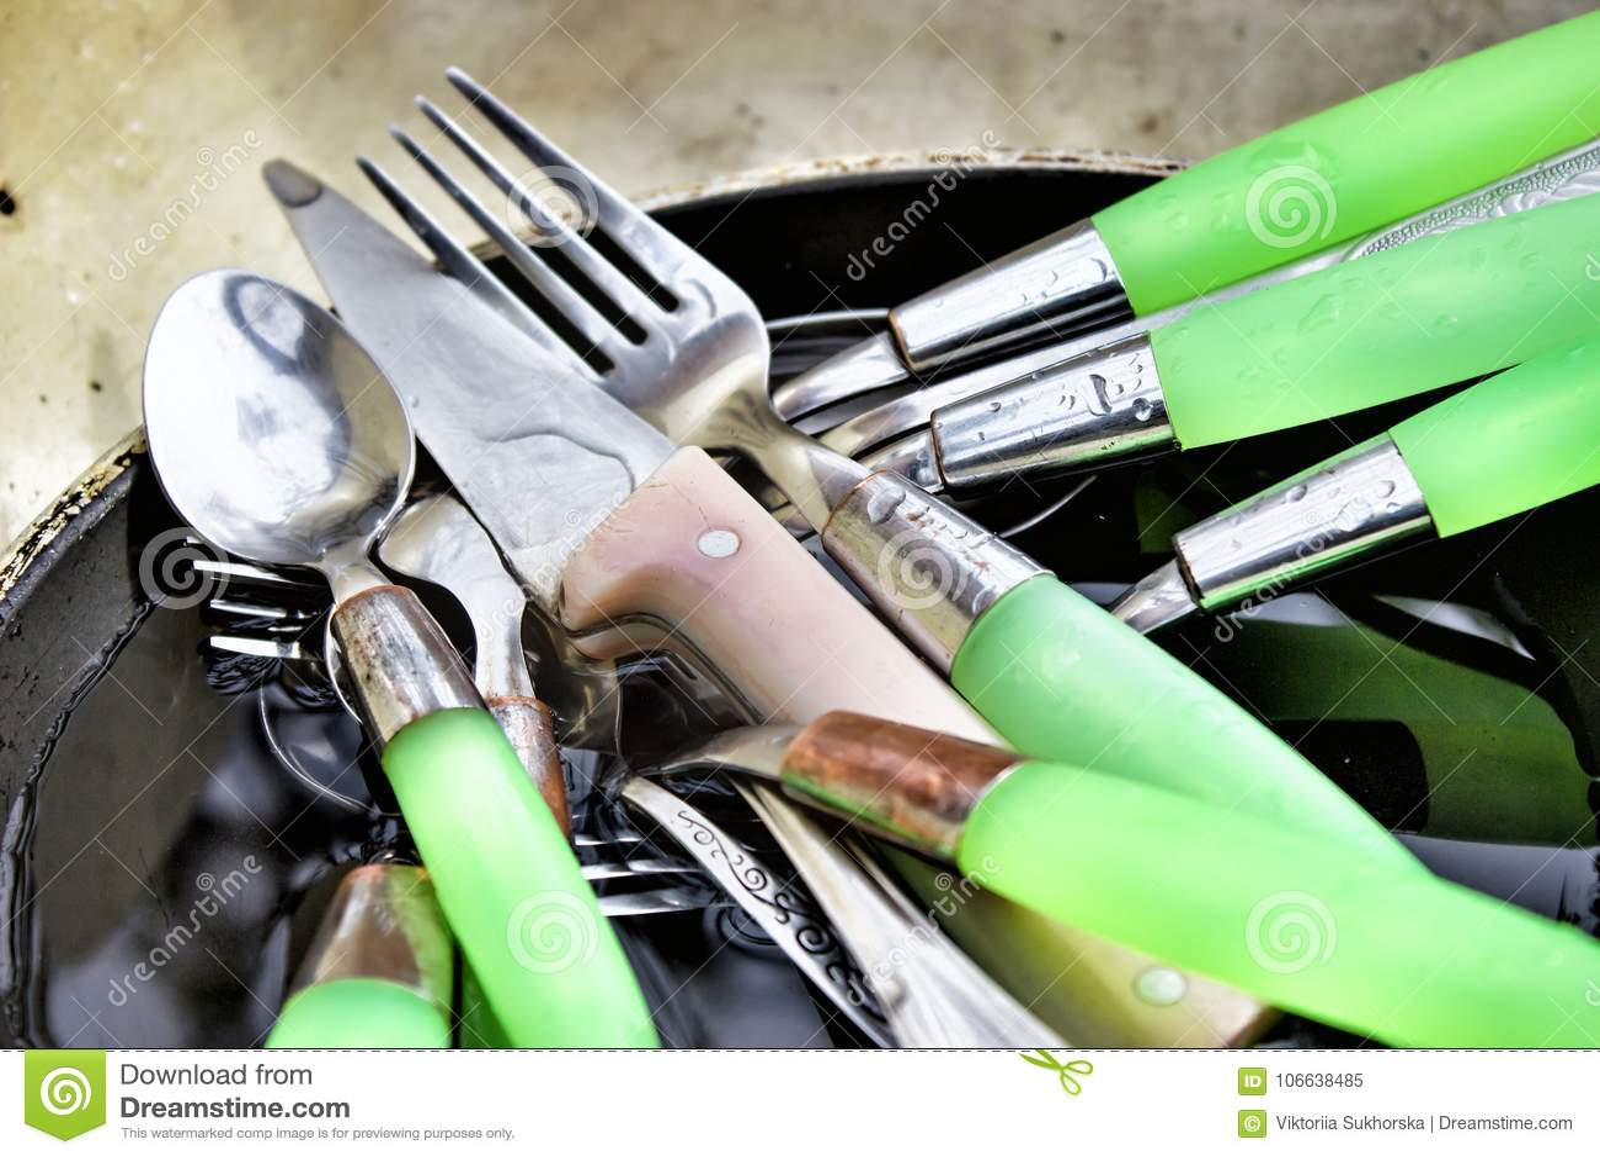 Пакостные ложки, вилки и ножи в старом лотке в раковине af